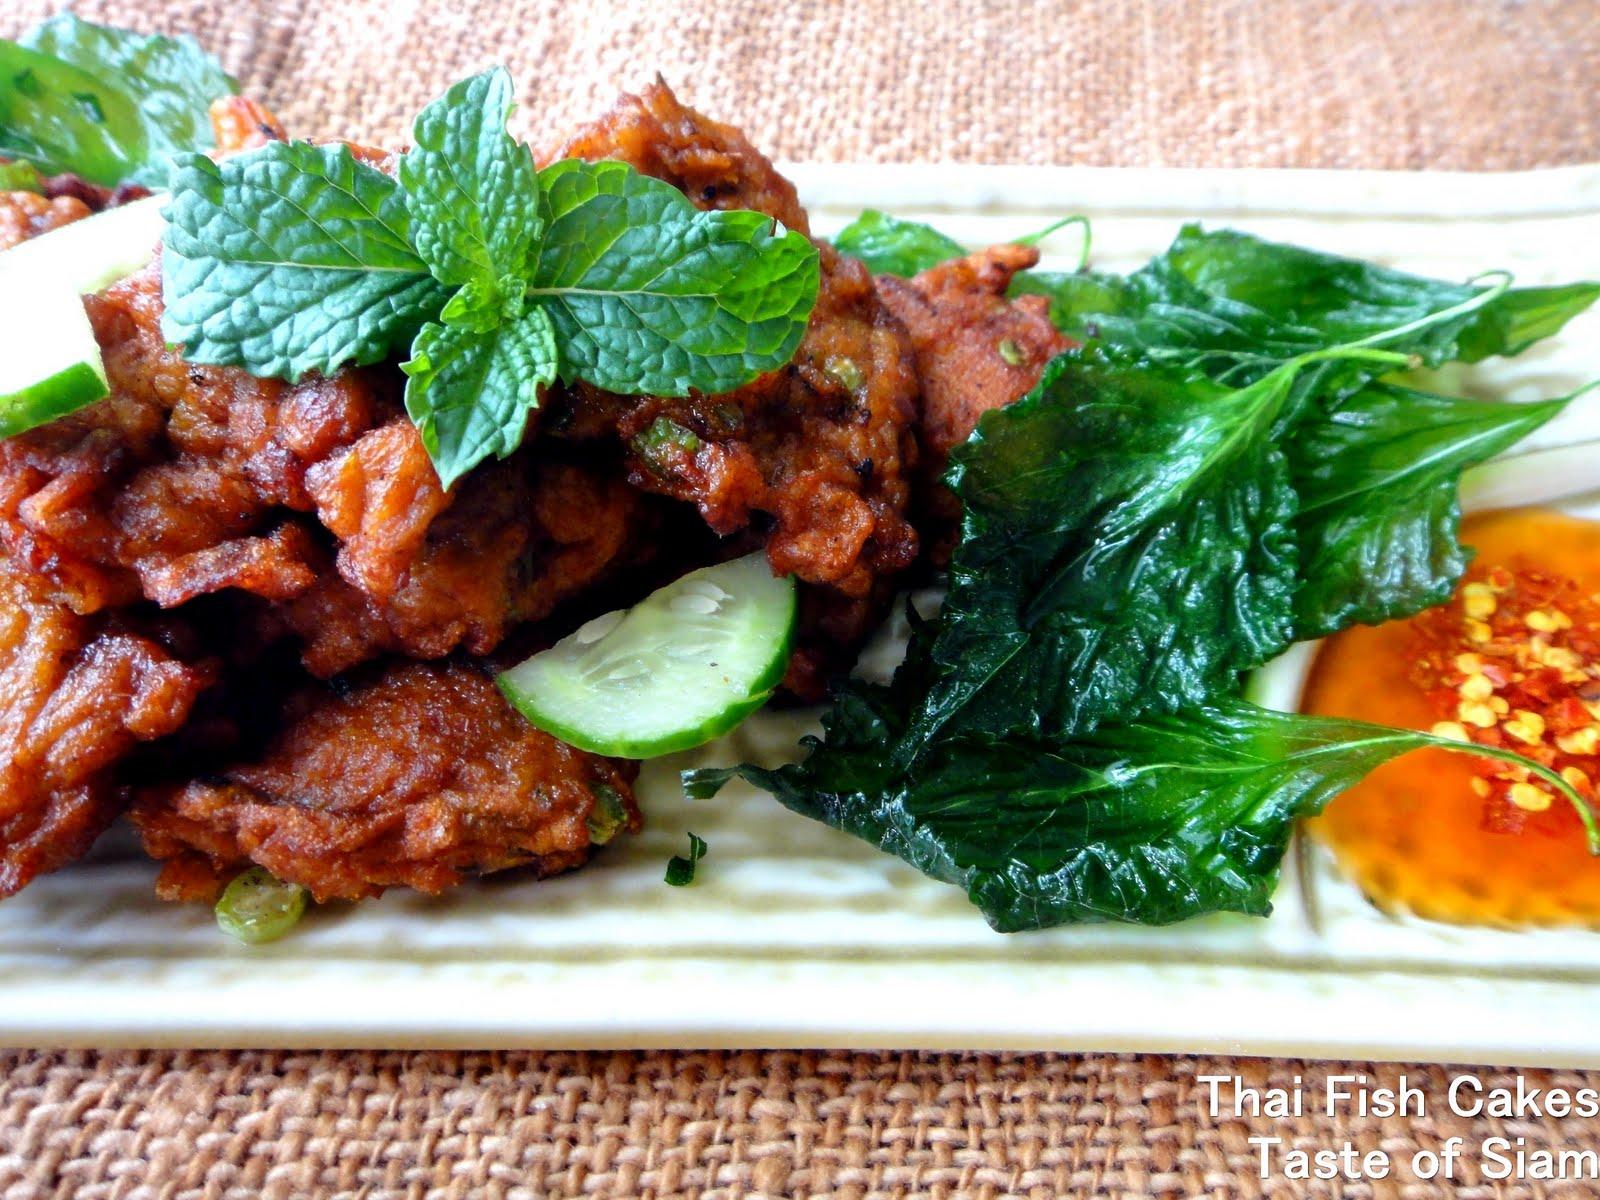 Taste of siam thai fish cakes for Thai fish cakes